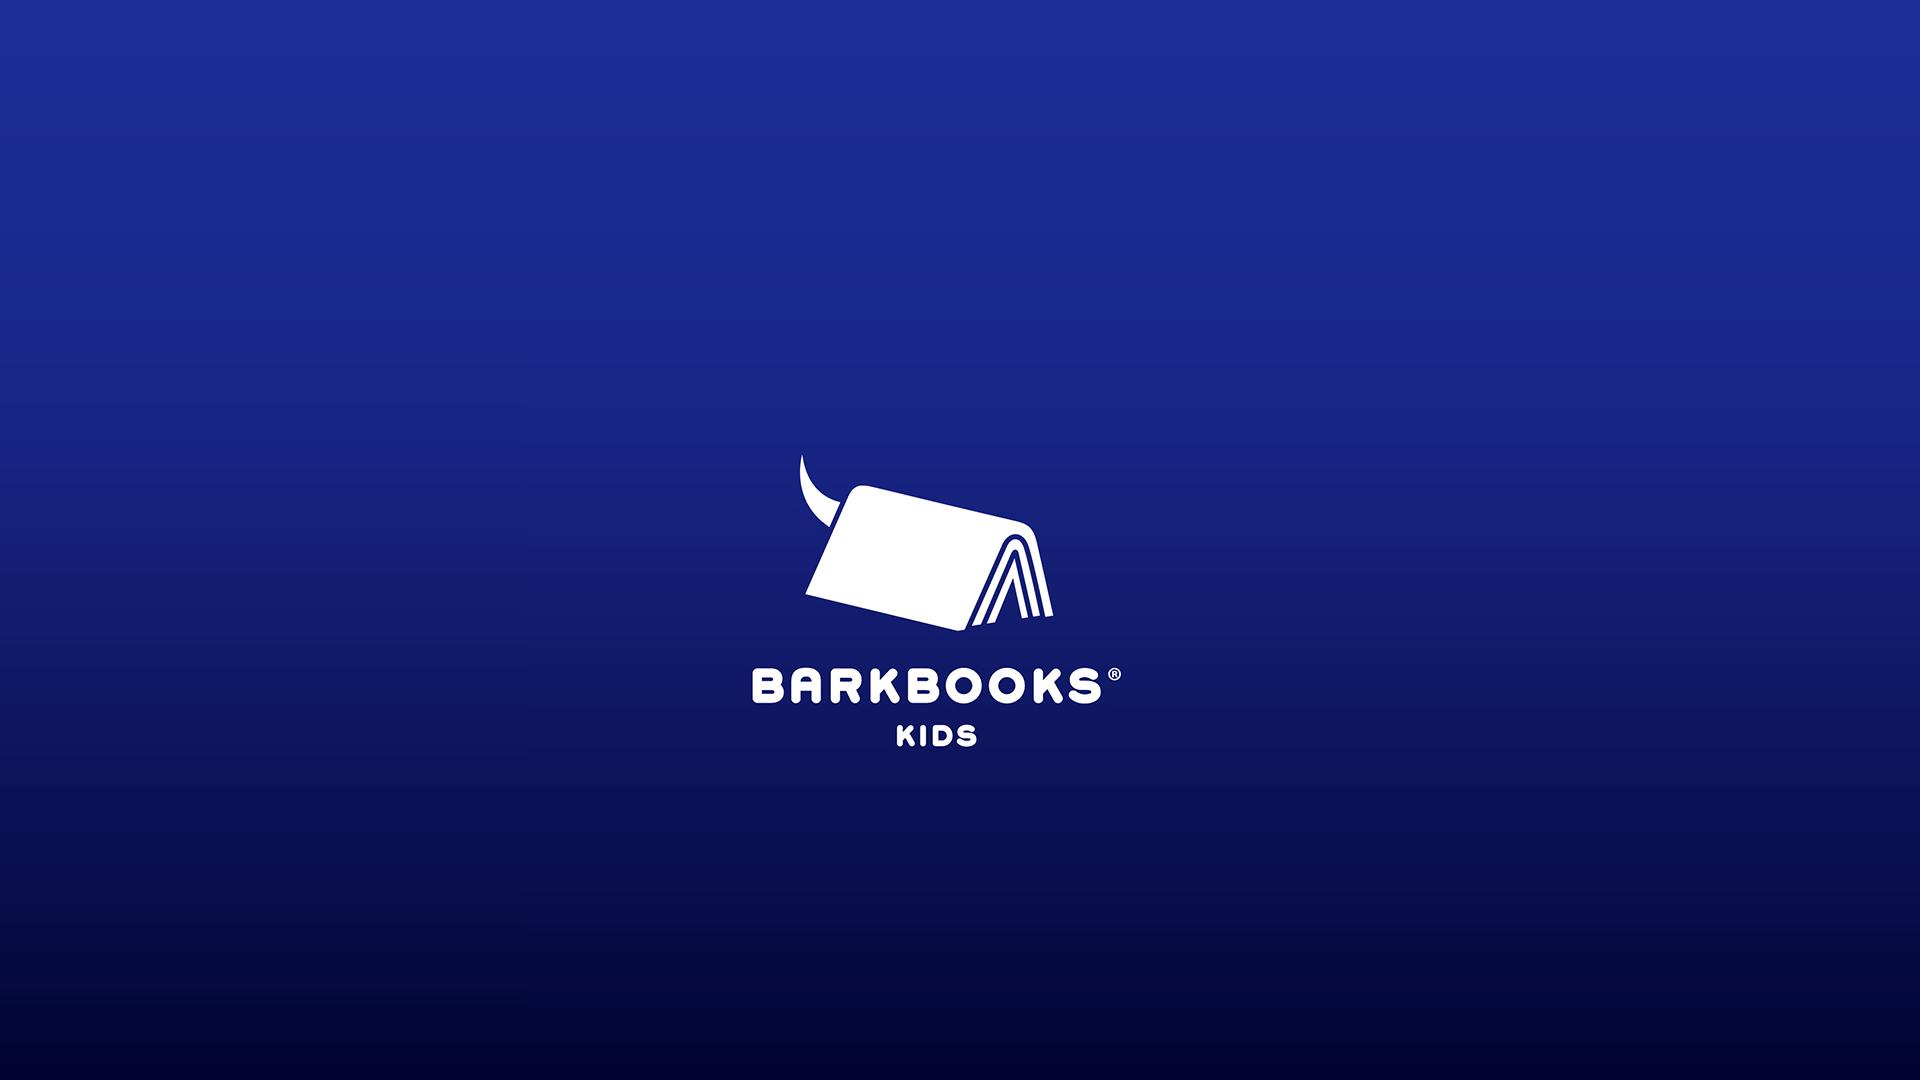 designpark_barkbooks_kids_logo